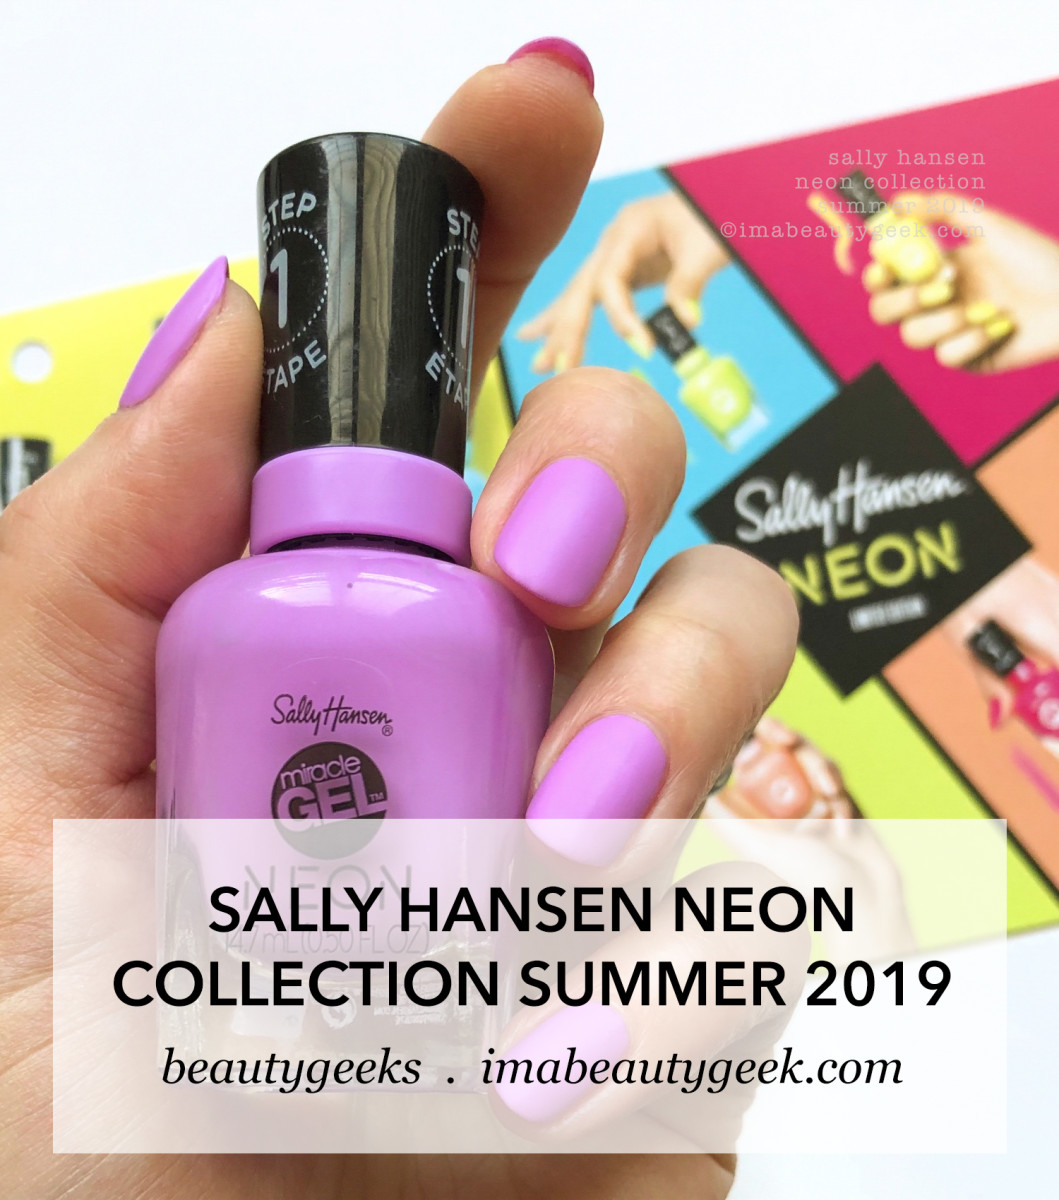 Sally Hansen Neon Collection Swatches Summer 2019